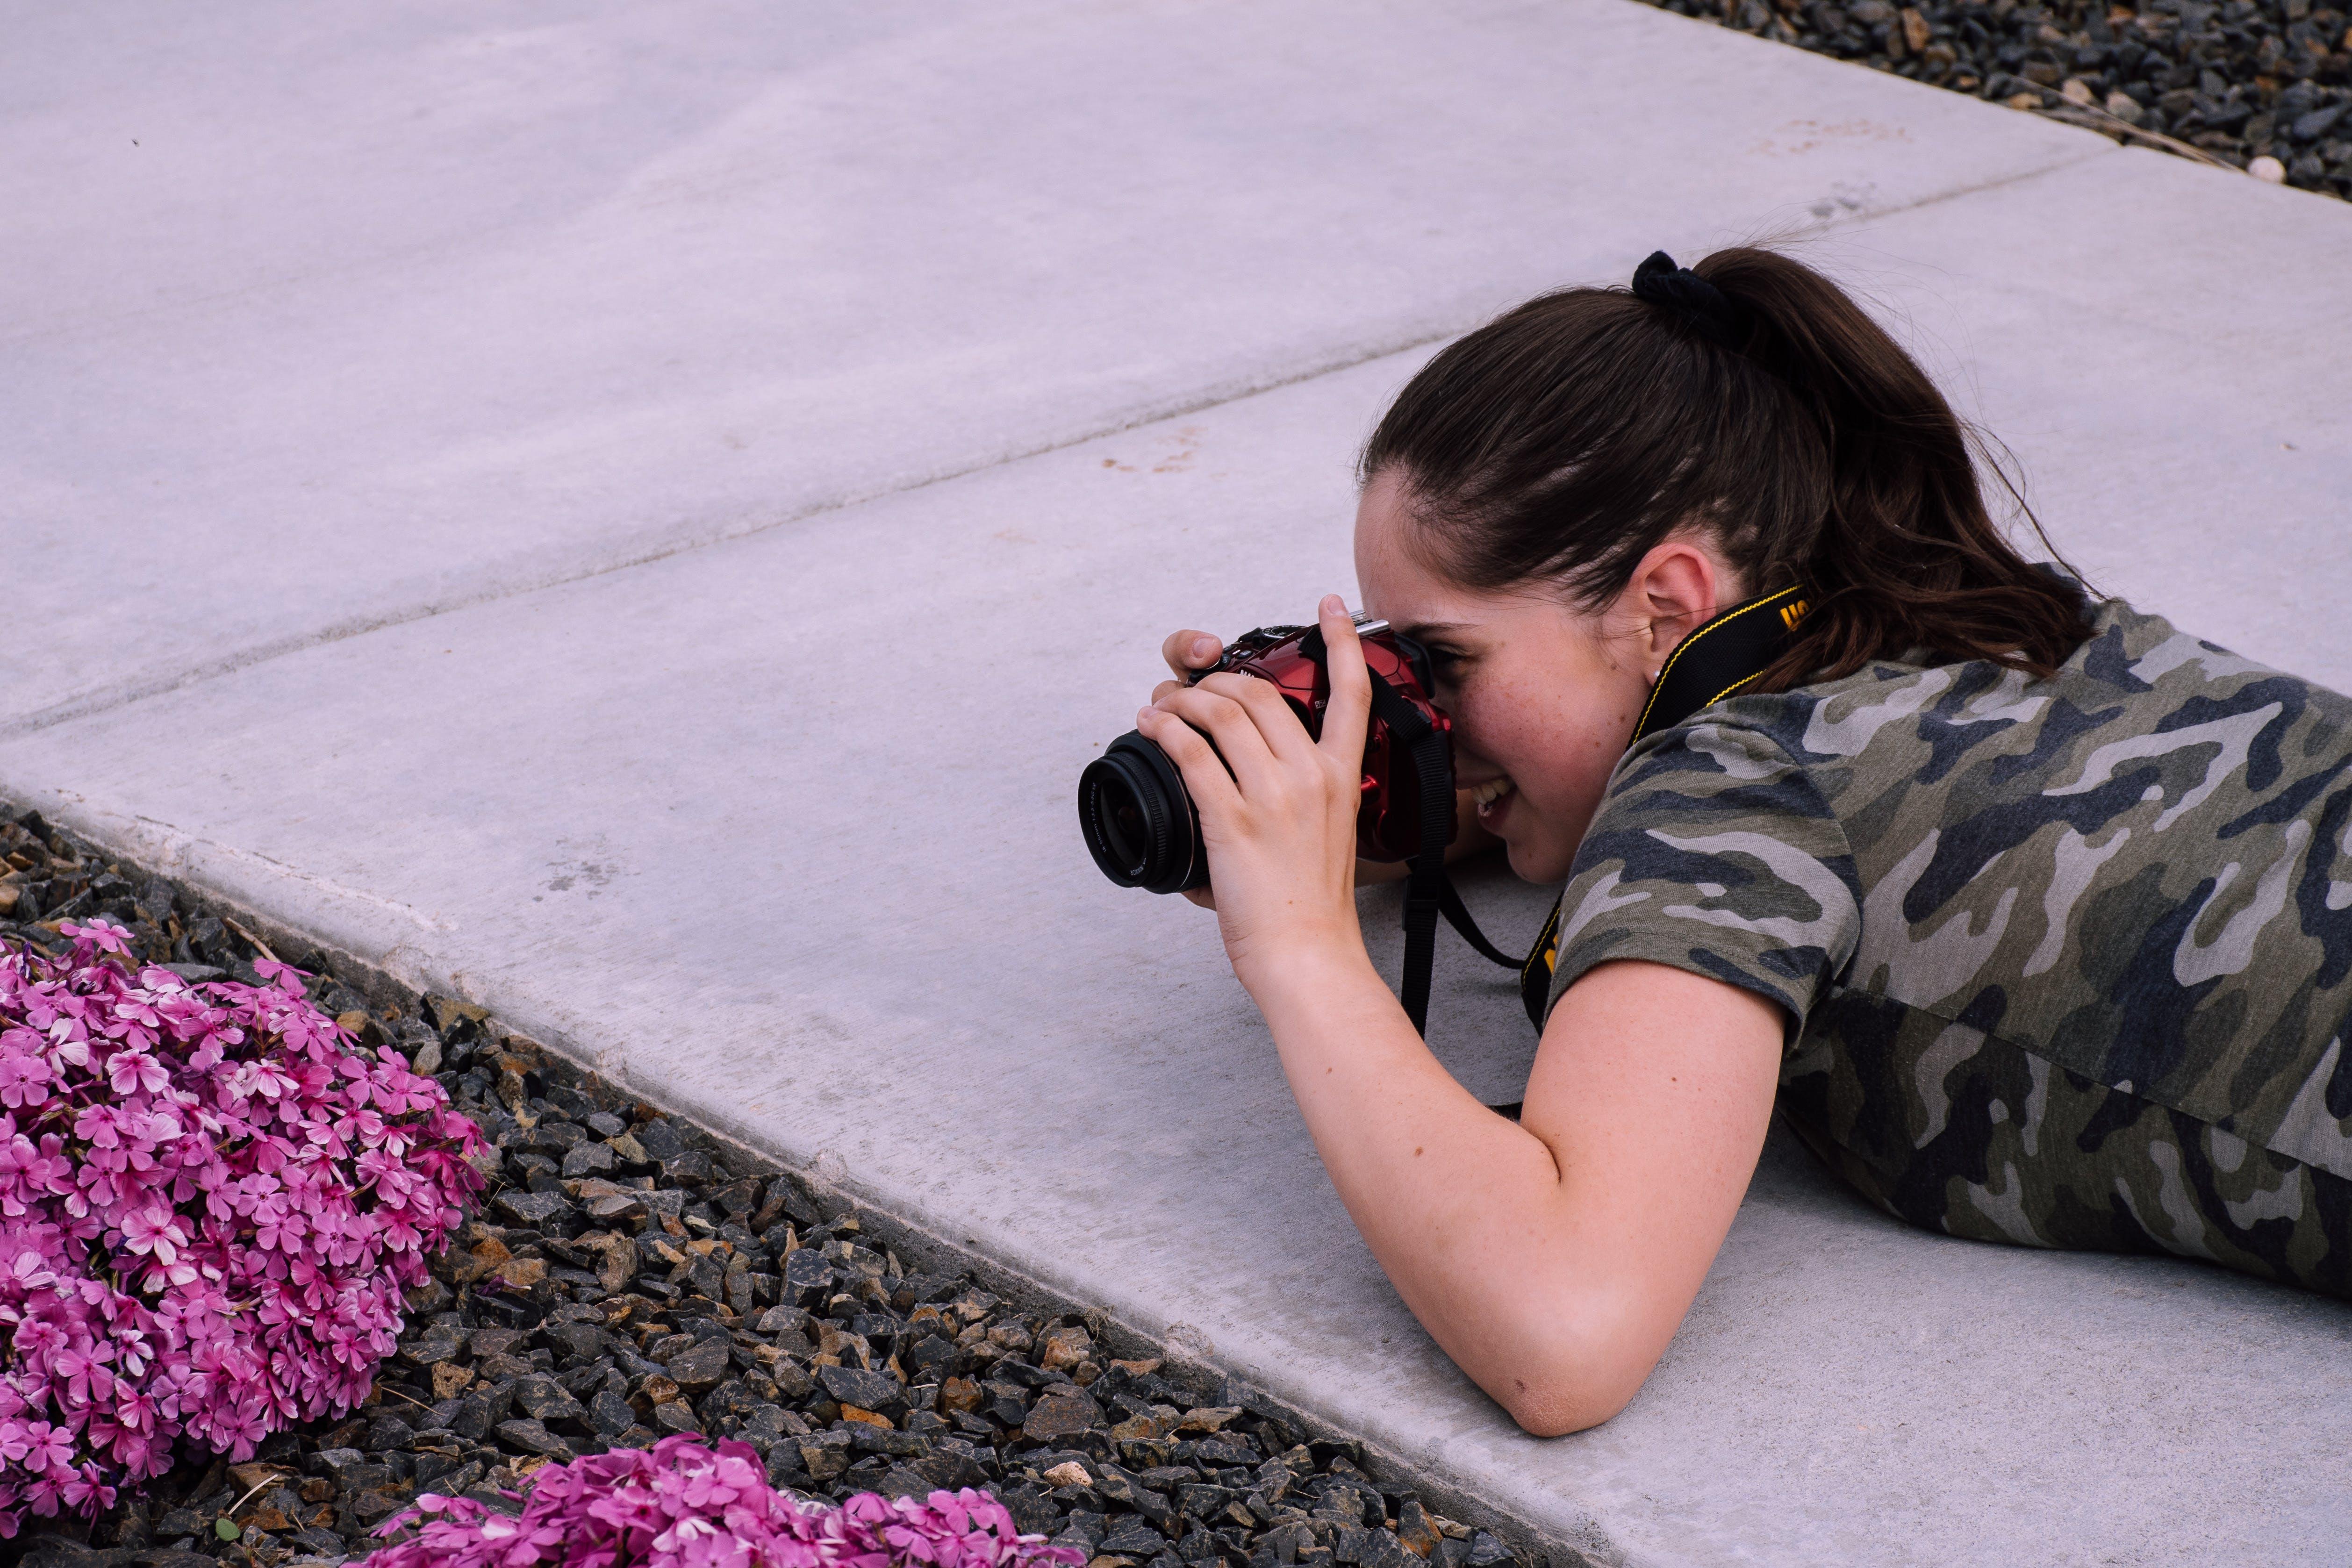 Δωρεάν στοκ φωτογραφιών με άνθρωπος, γυναίκα, κάμερα, κορίτσι